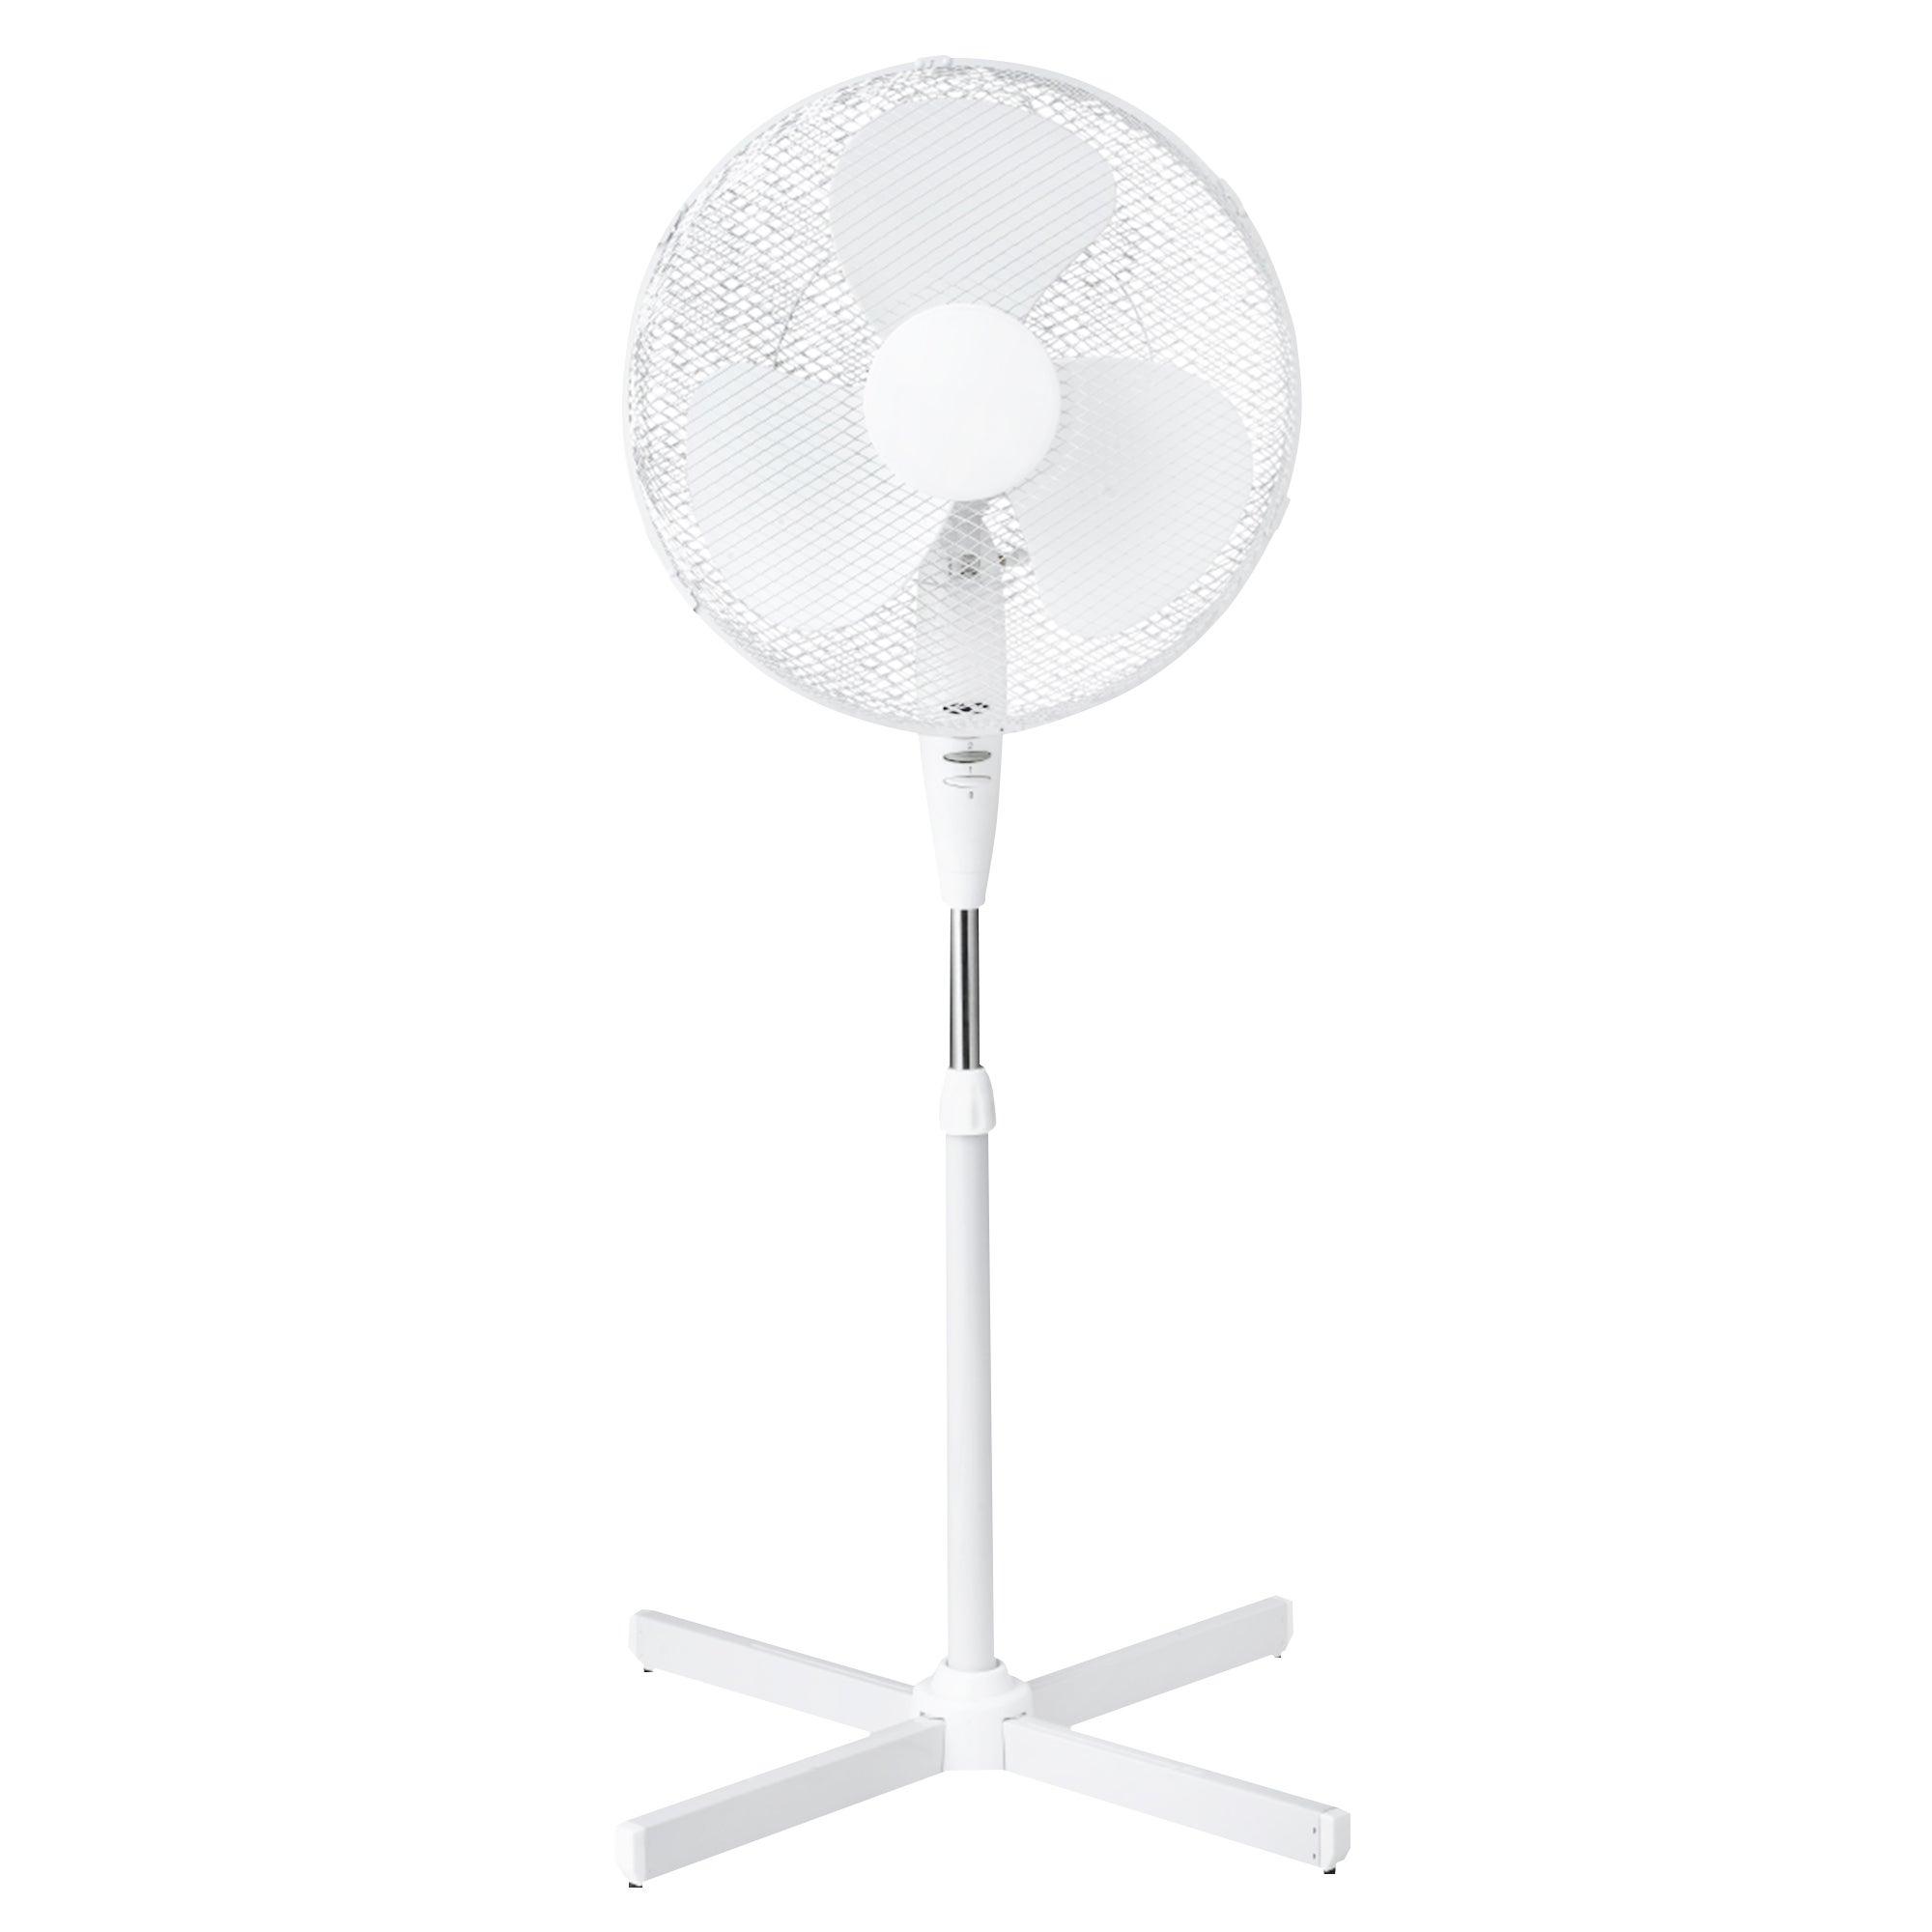 White 16 Inch Pedestal Fan